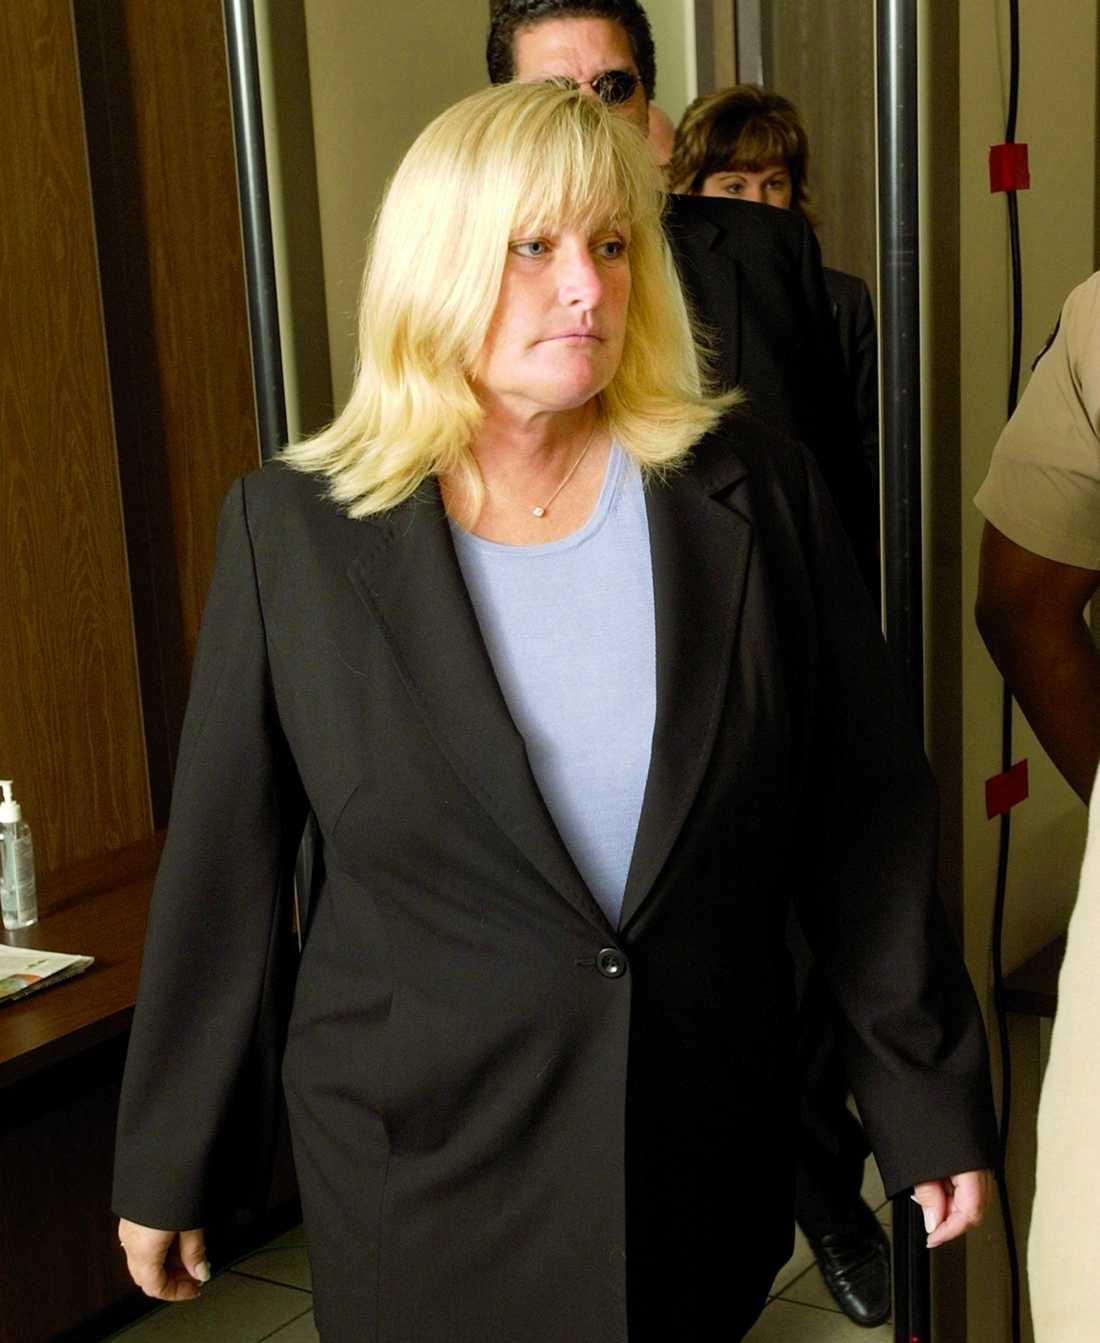 39-åriga Debbie Rowe är mor till två av Michaels barn.